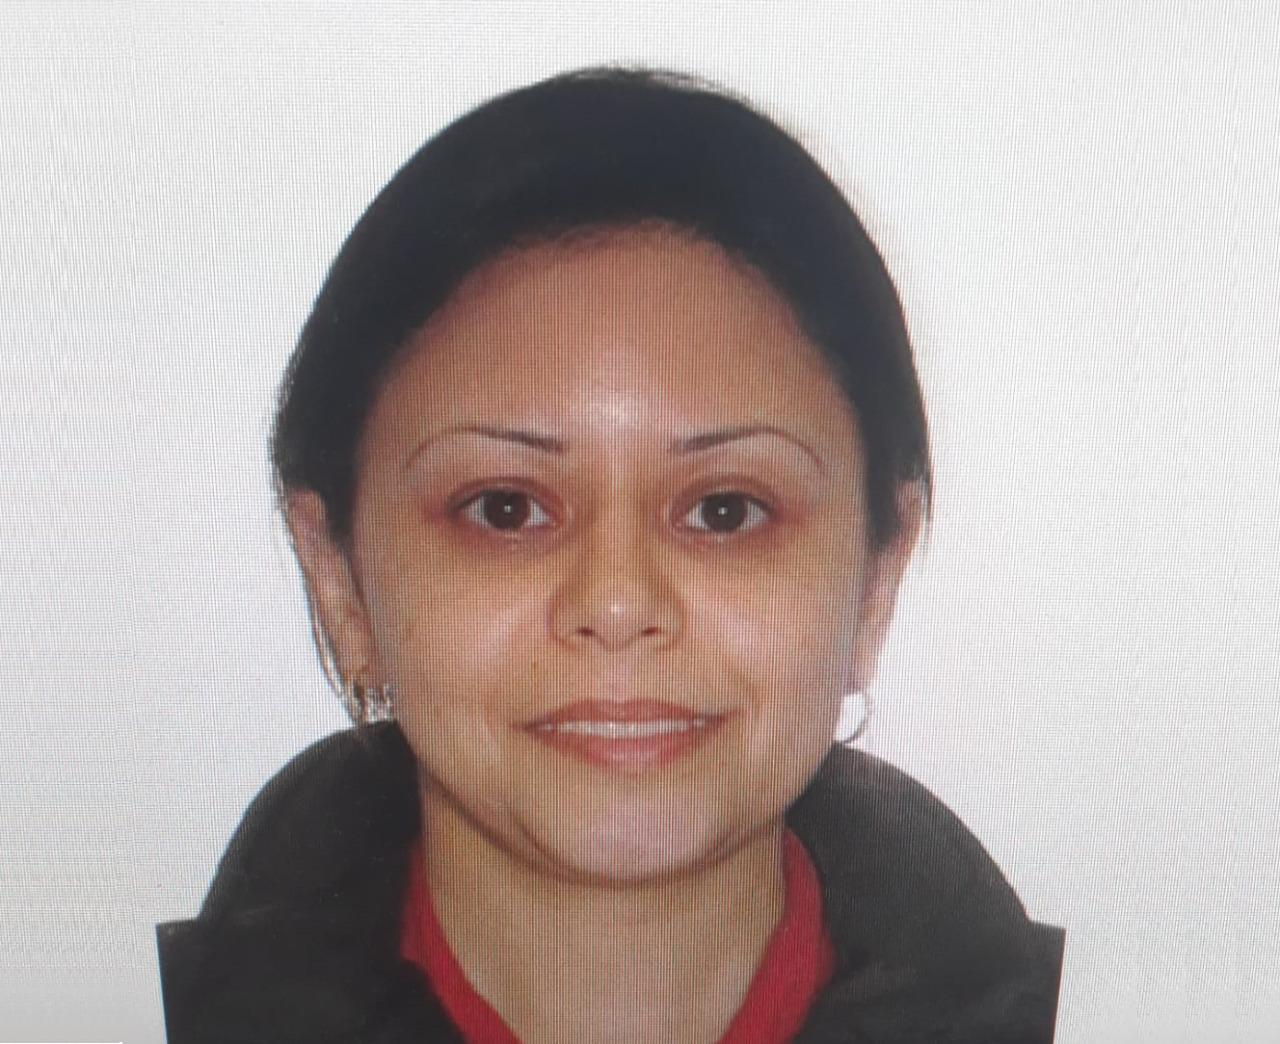 Marina Pereira dos Reis, de 39 anos, foi morta com tiro no tórax após se negar a entregar bolsa (Foto: Reprodução)